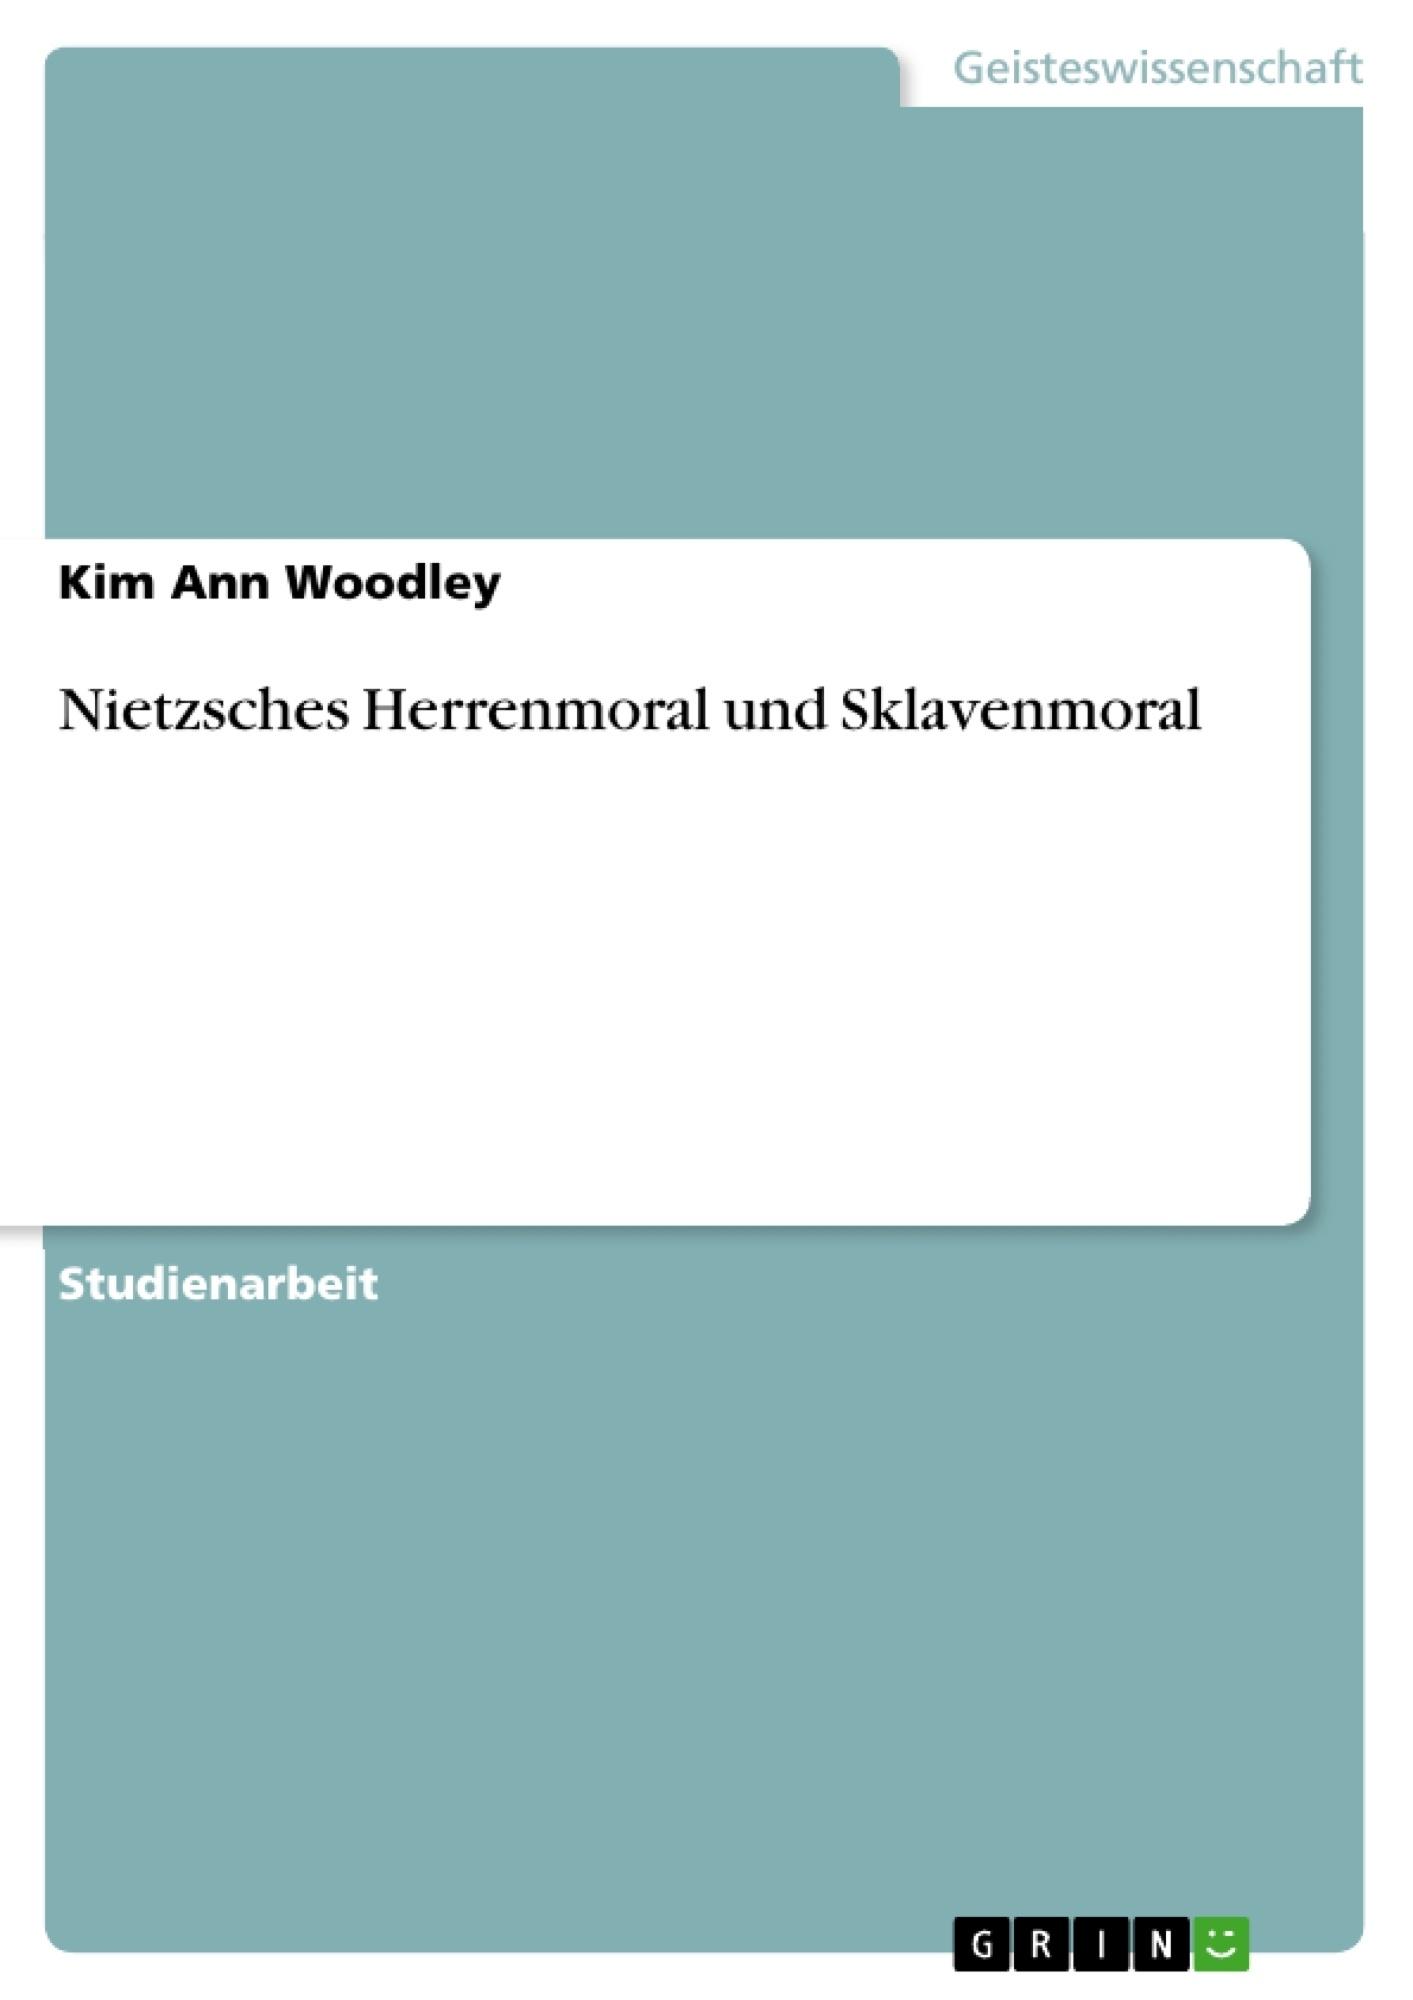 Titel: Nietzsches Herrenmoral und Sklavenmoral